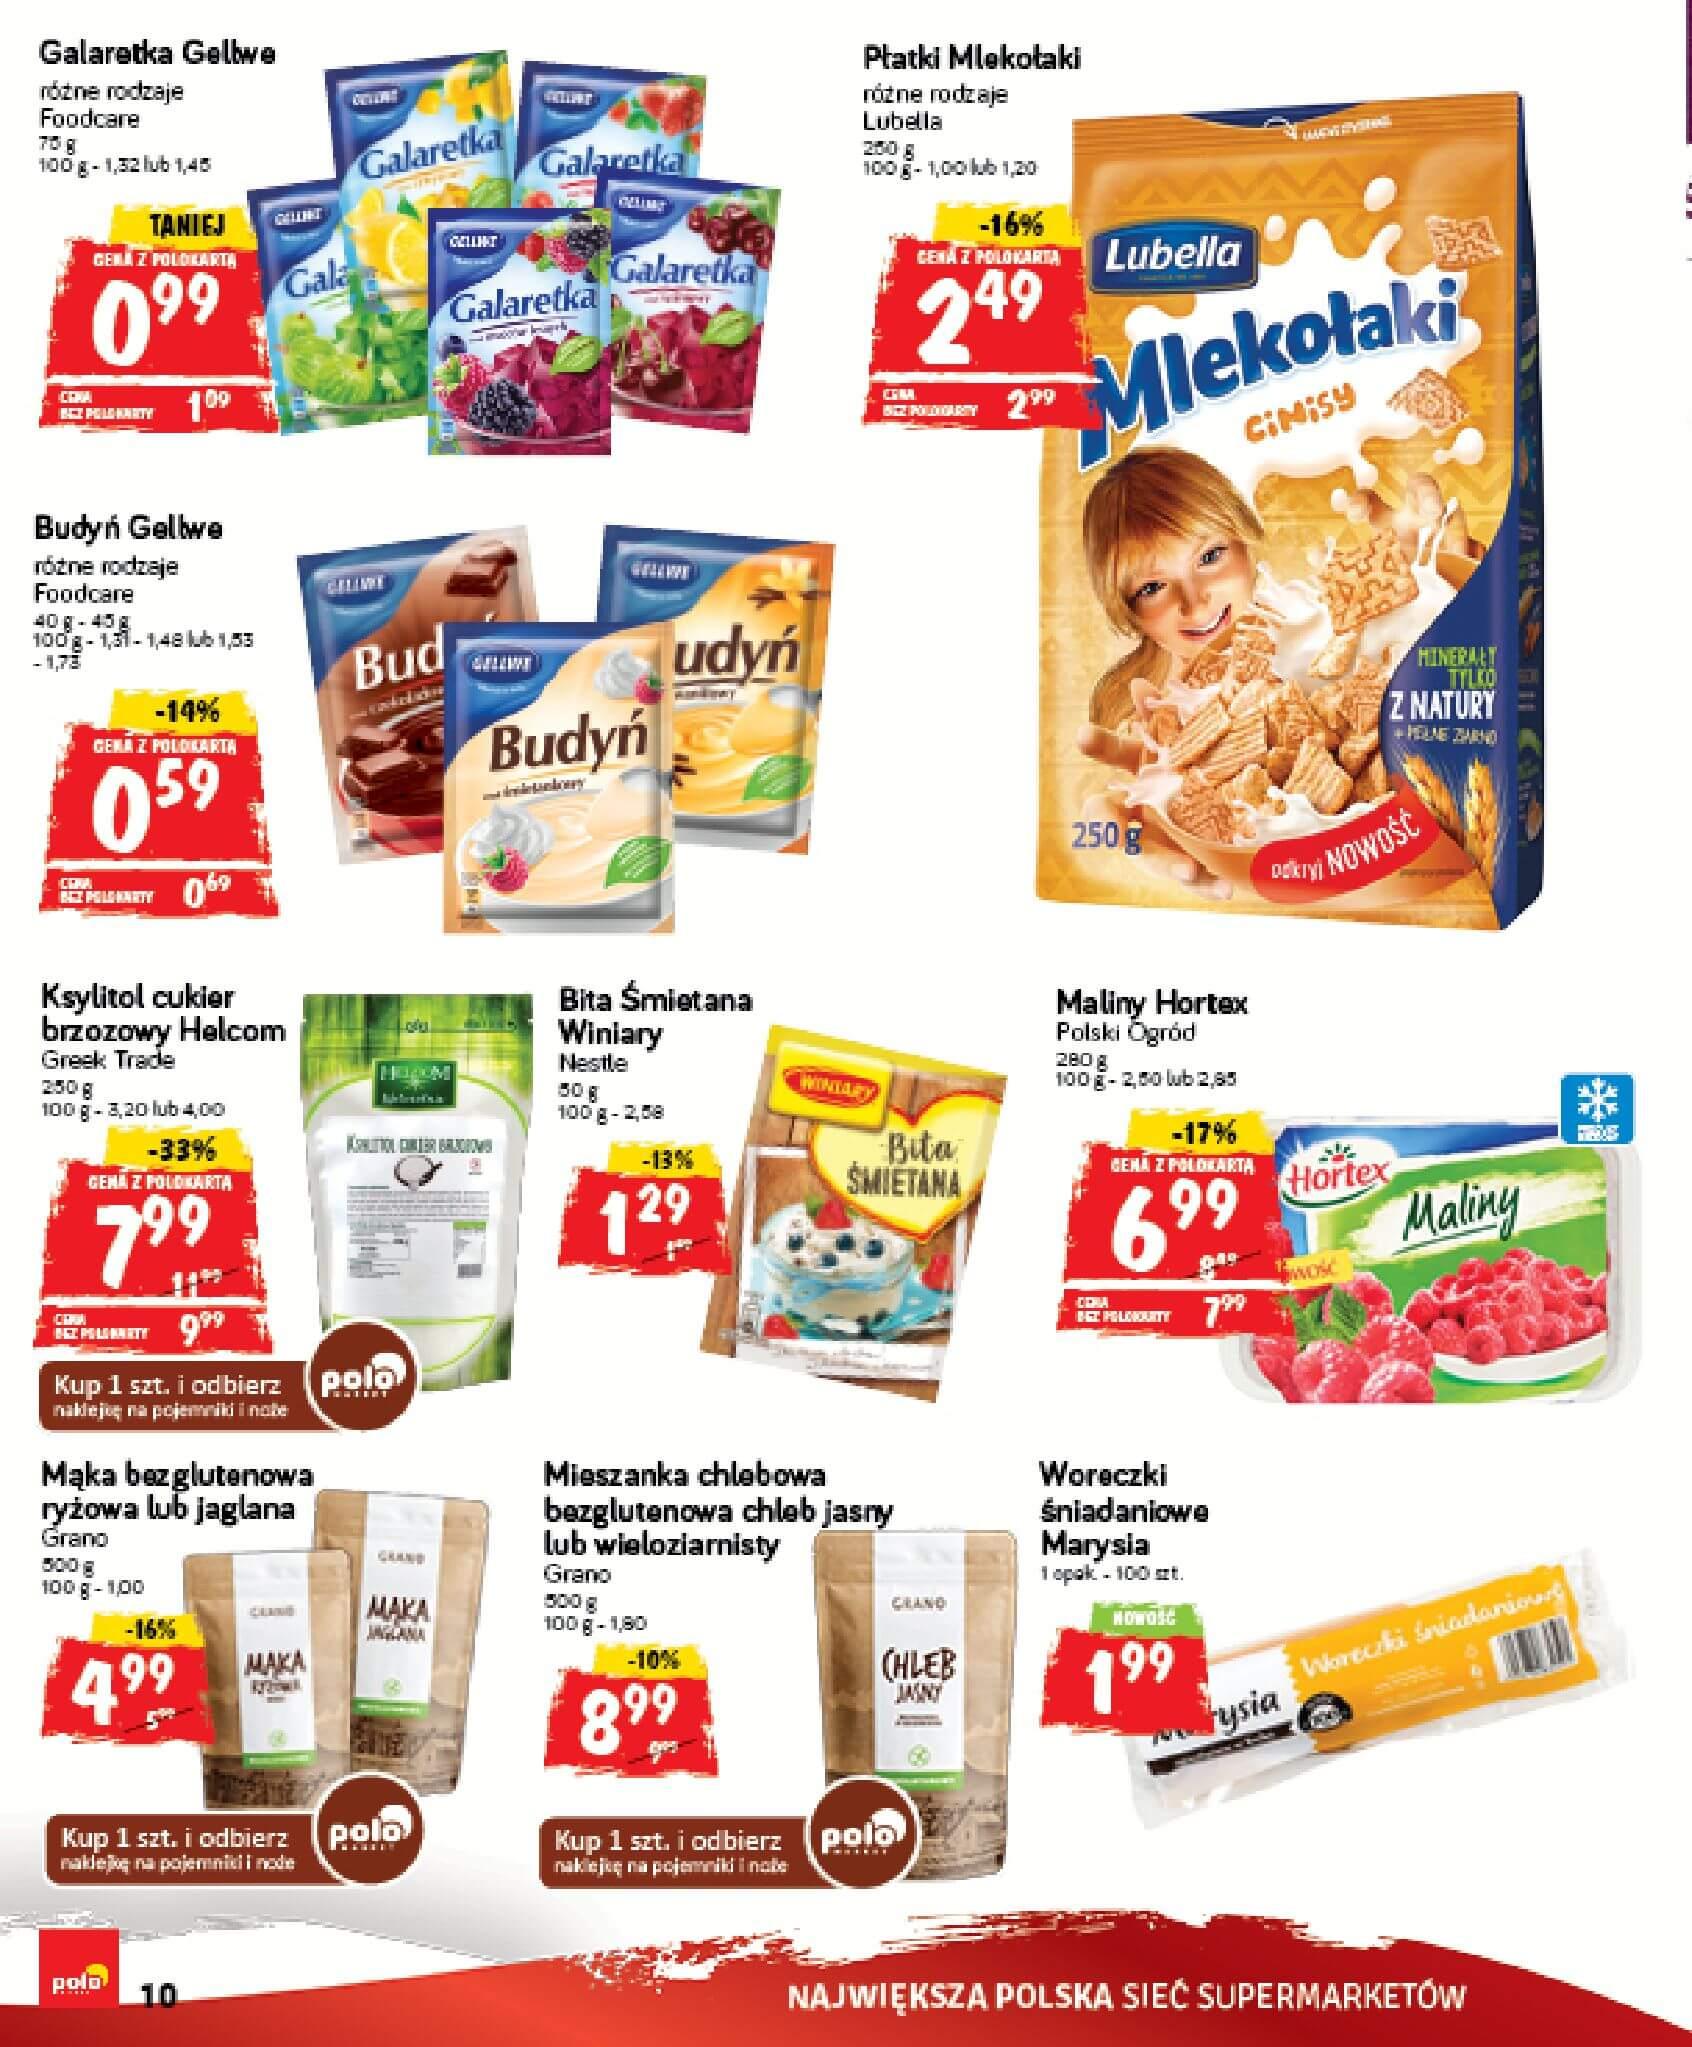 Gazetka Polomarket - Oferta na art. spożywcze, kosmetyki, chemię-14.02.2018-18.02.2018-page-10